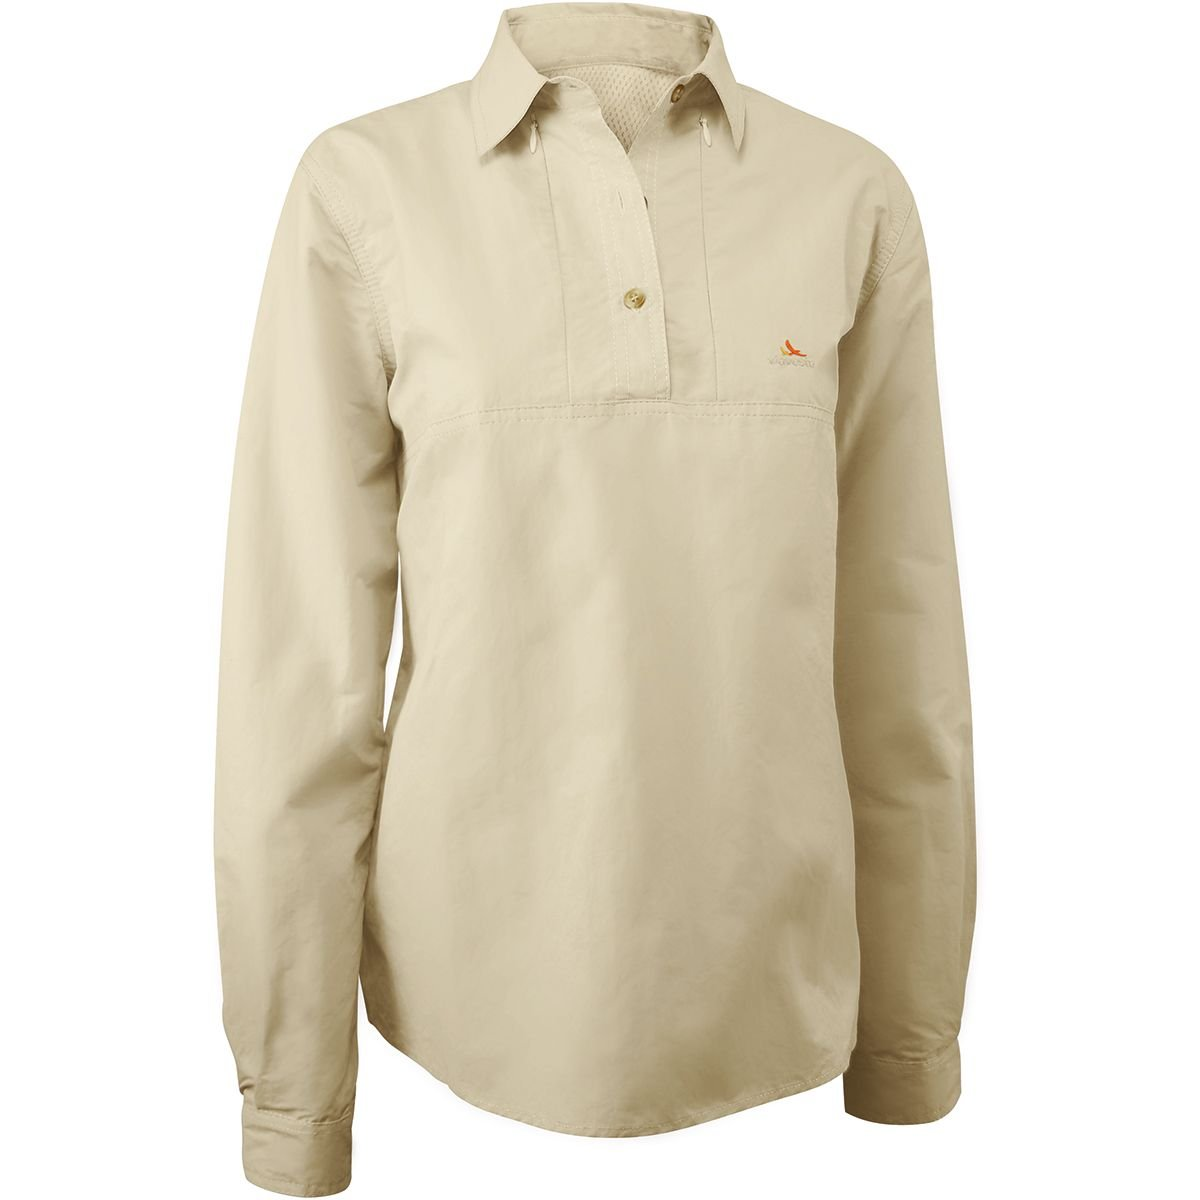 ViaVesto Herren Wanderhemd/Outdoor-Hemd Wanderhemd/Outdoor-Hemd Herren Senhor Cabral 00abcc